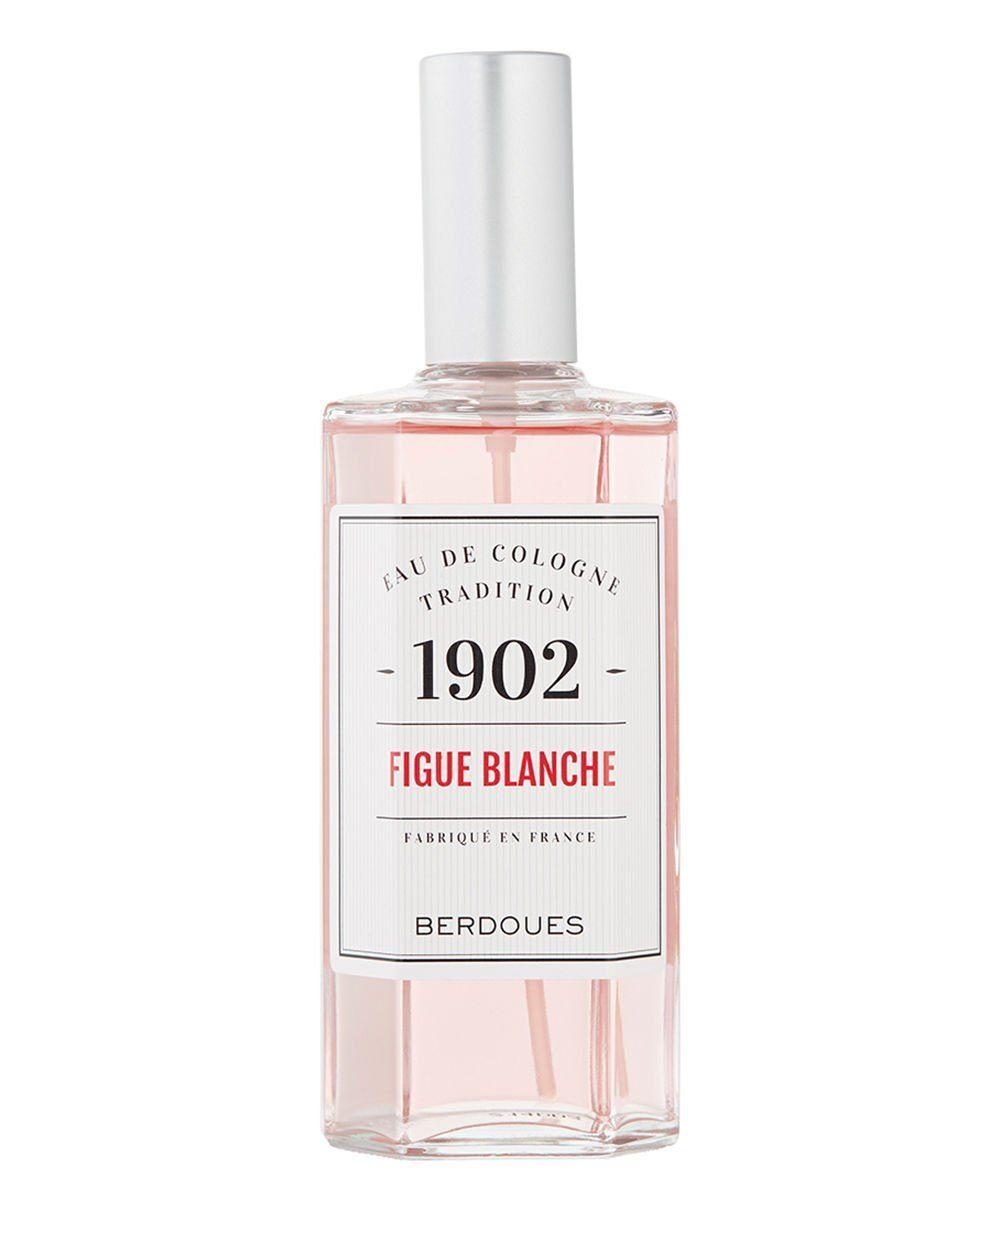 Berdoues Eau de Cologne »1902 Tradition Figue Blanche«